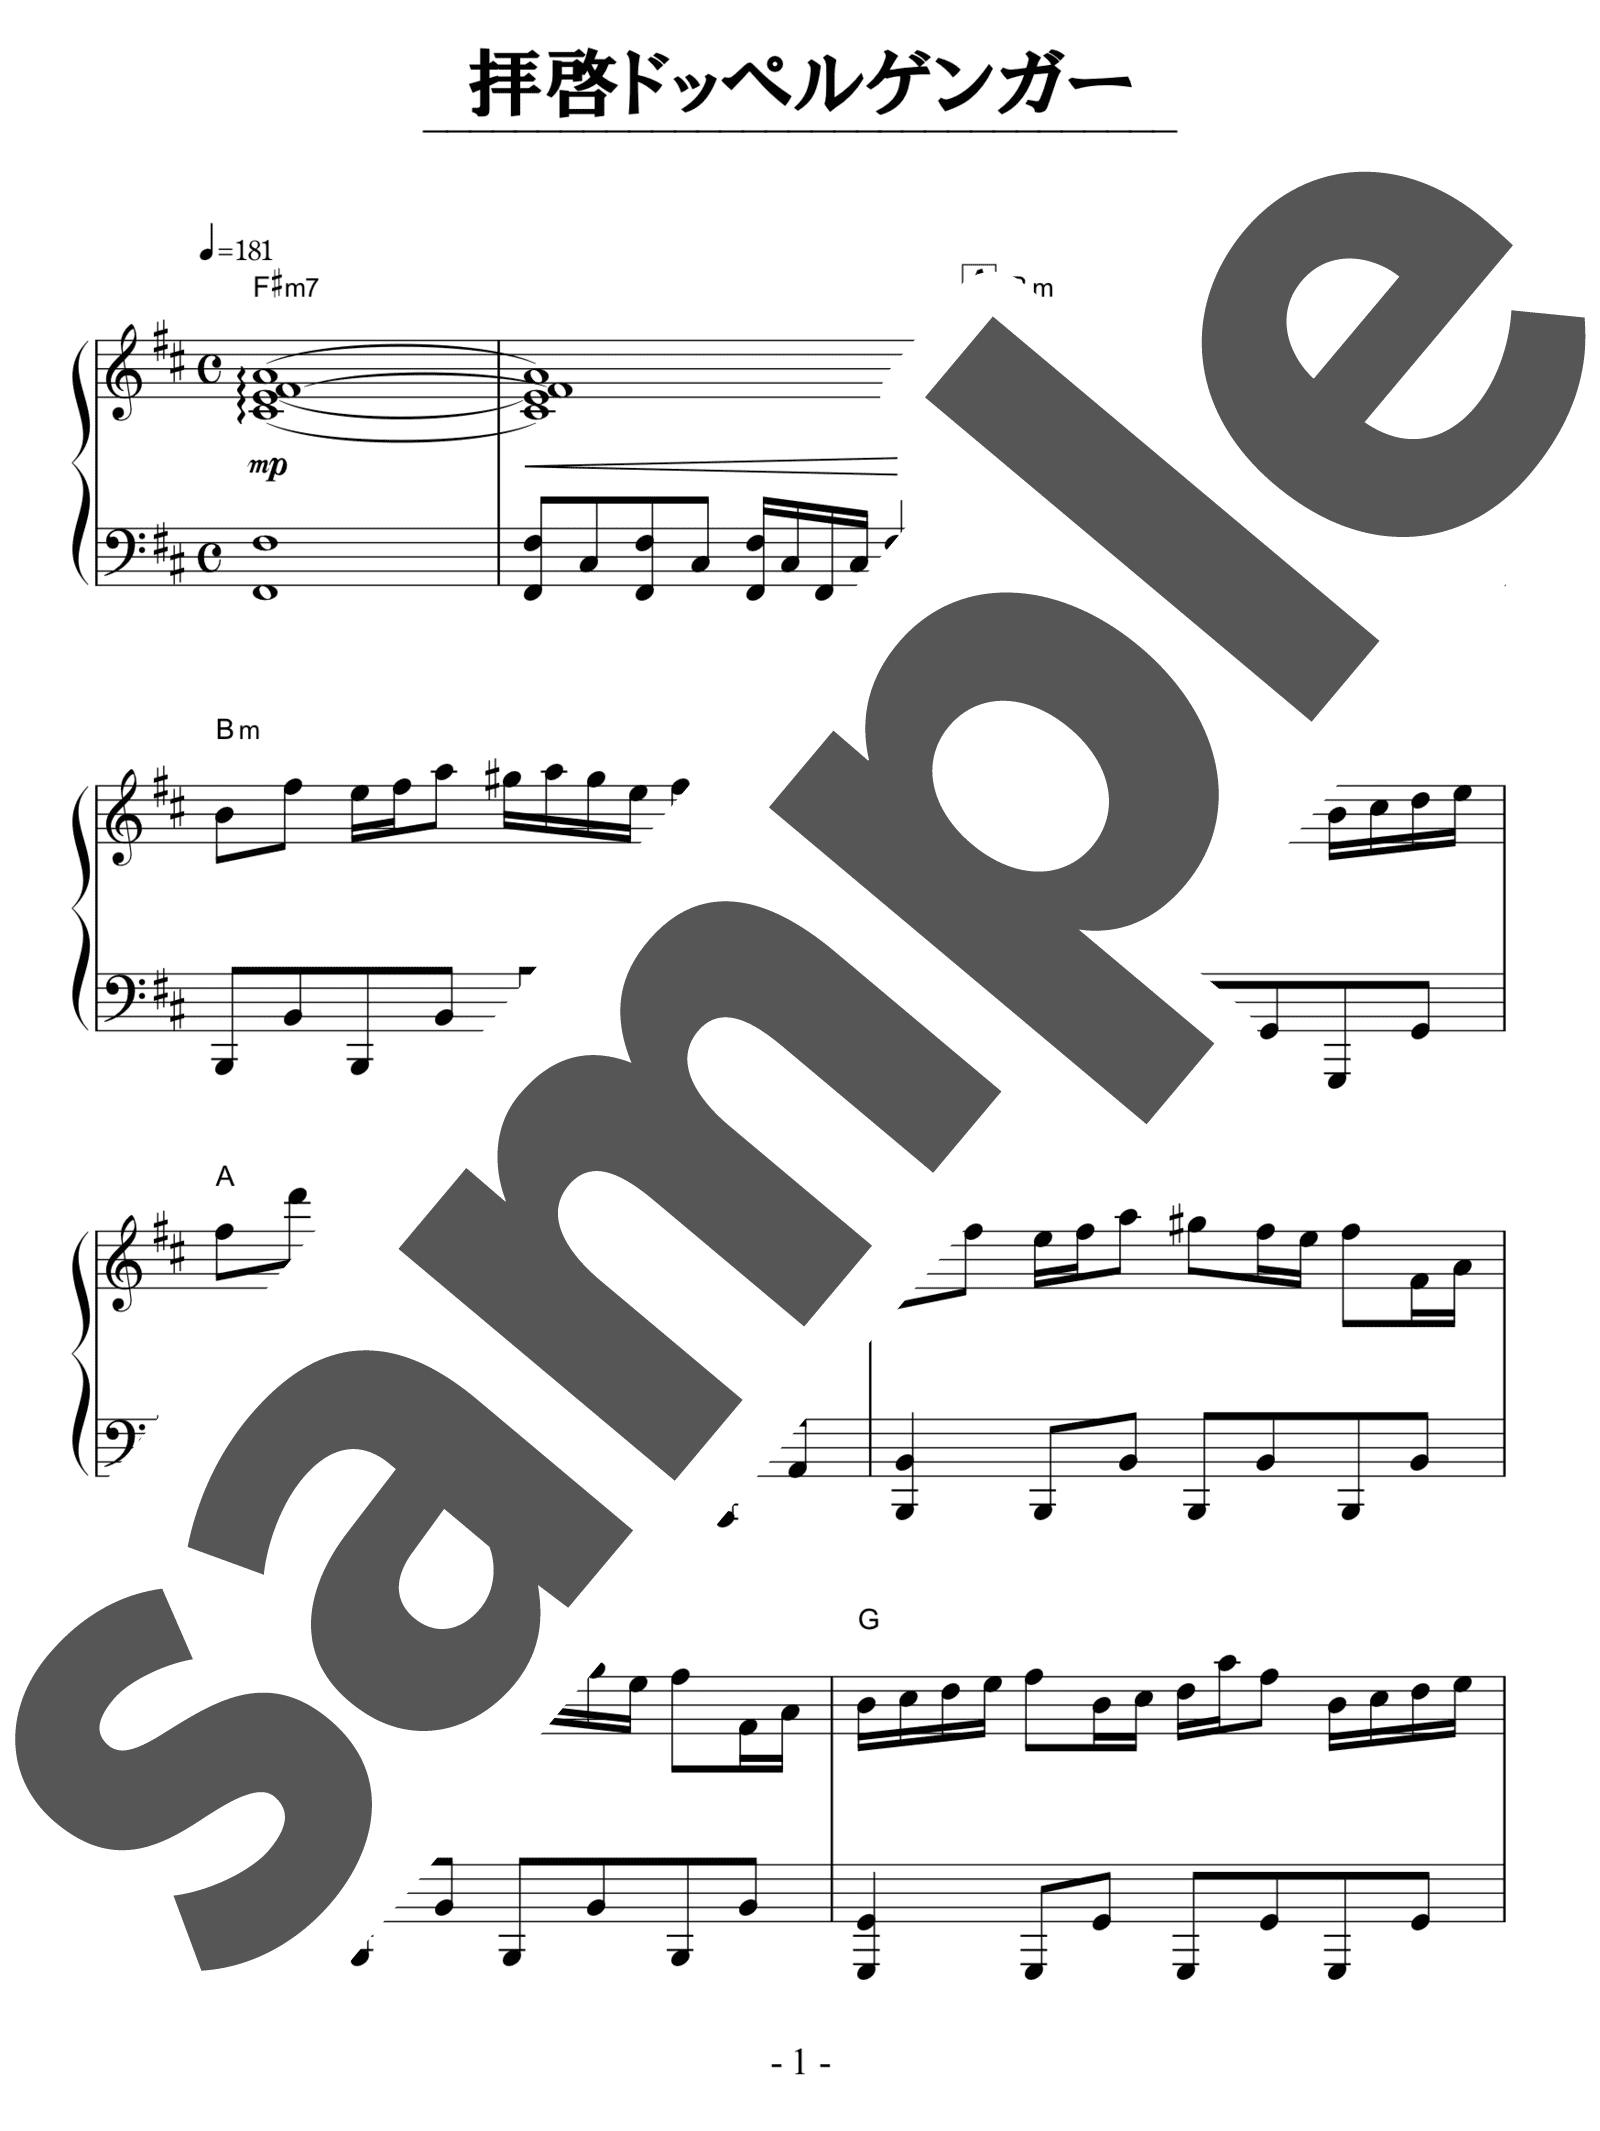 「拝啓ドッペルゲンガー」のサンプル楽譜